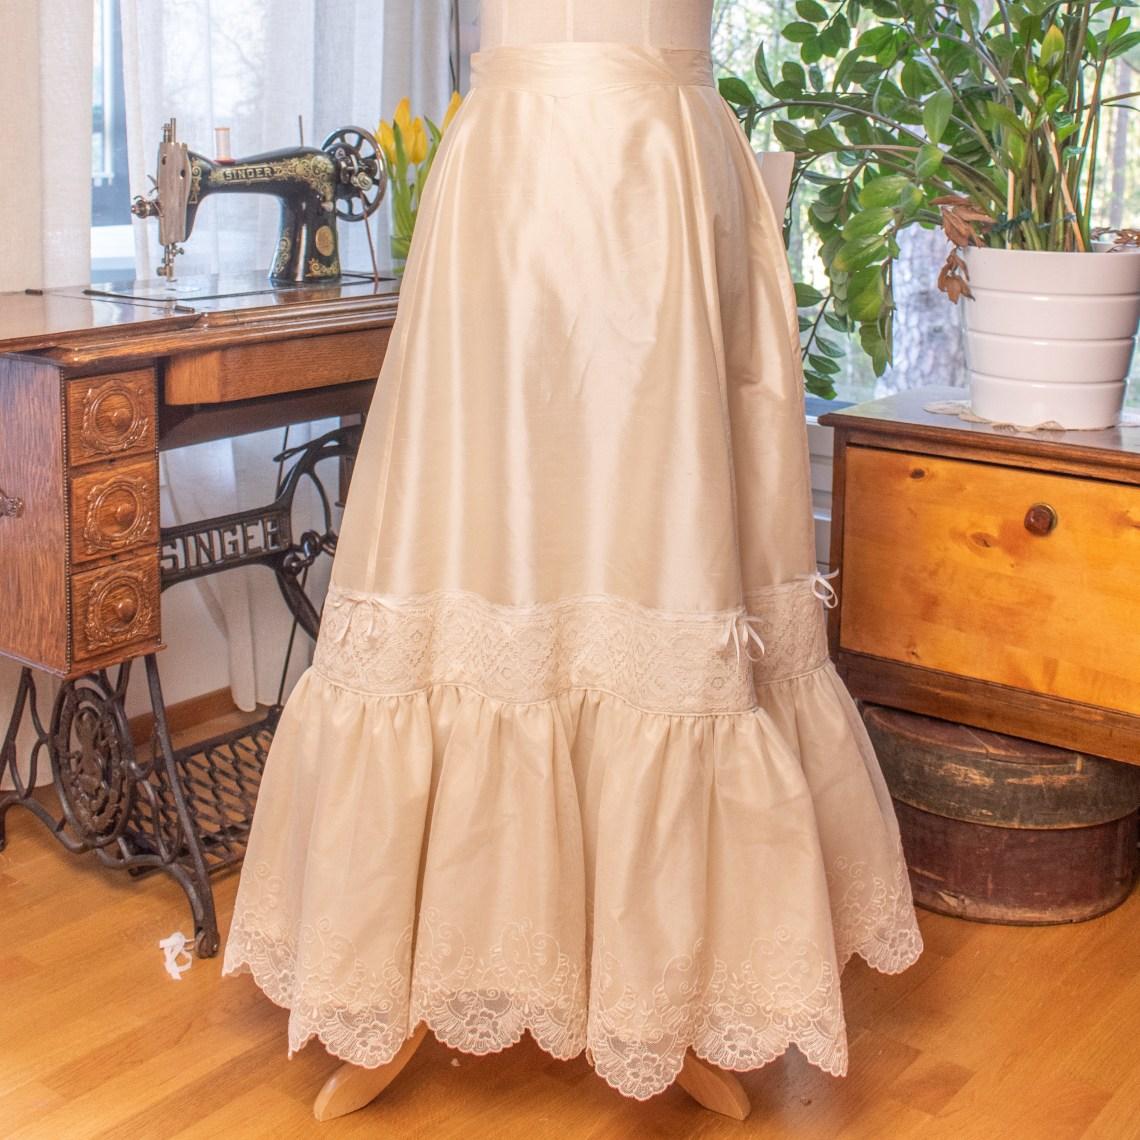 Silk petticoat